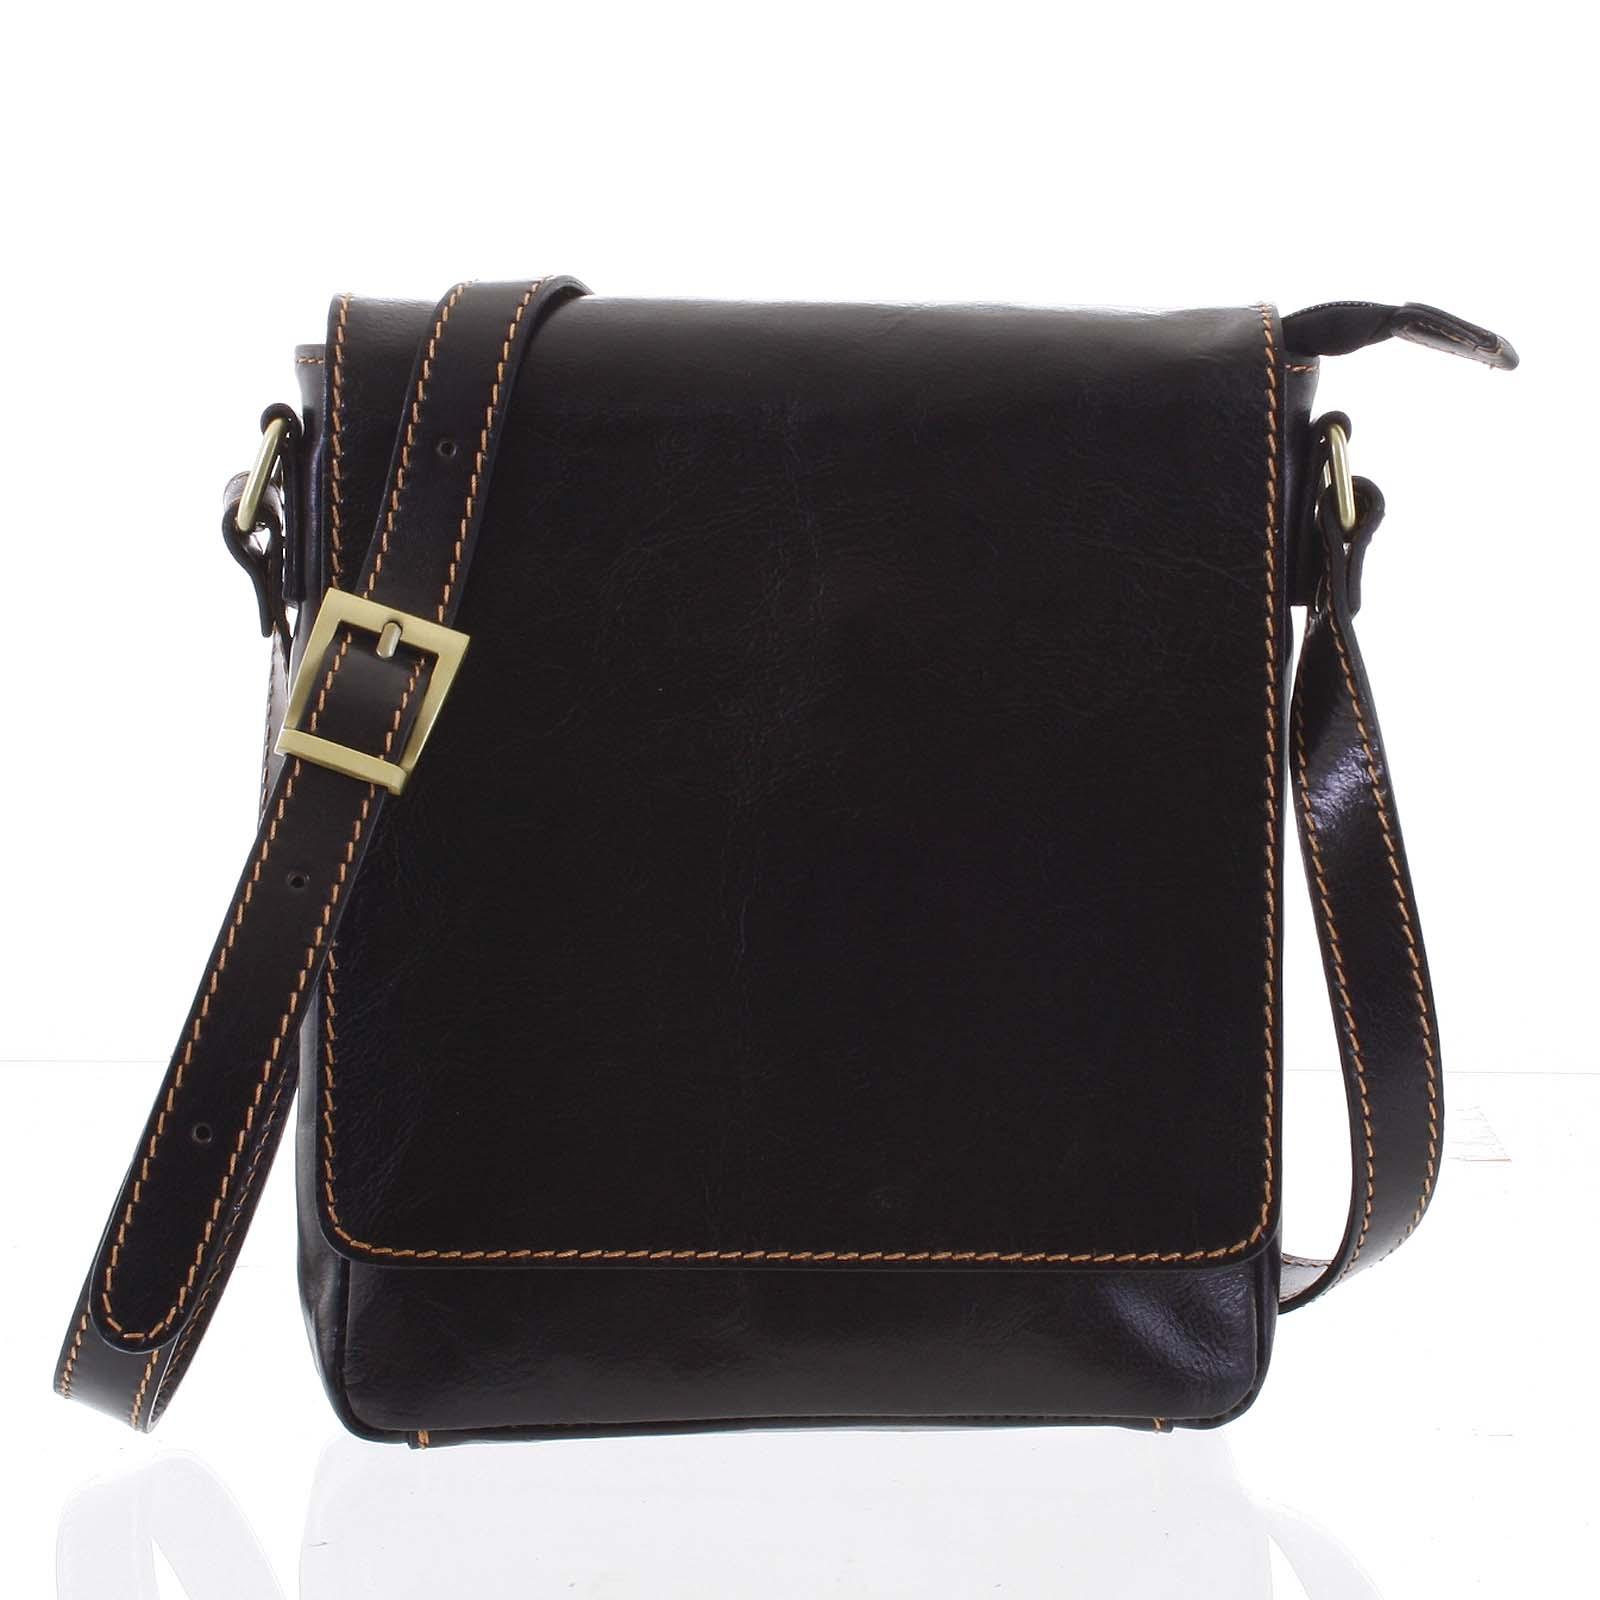 Kvalitná tmavohnedá kožená taška cez rameno - ItalY Samqaro